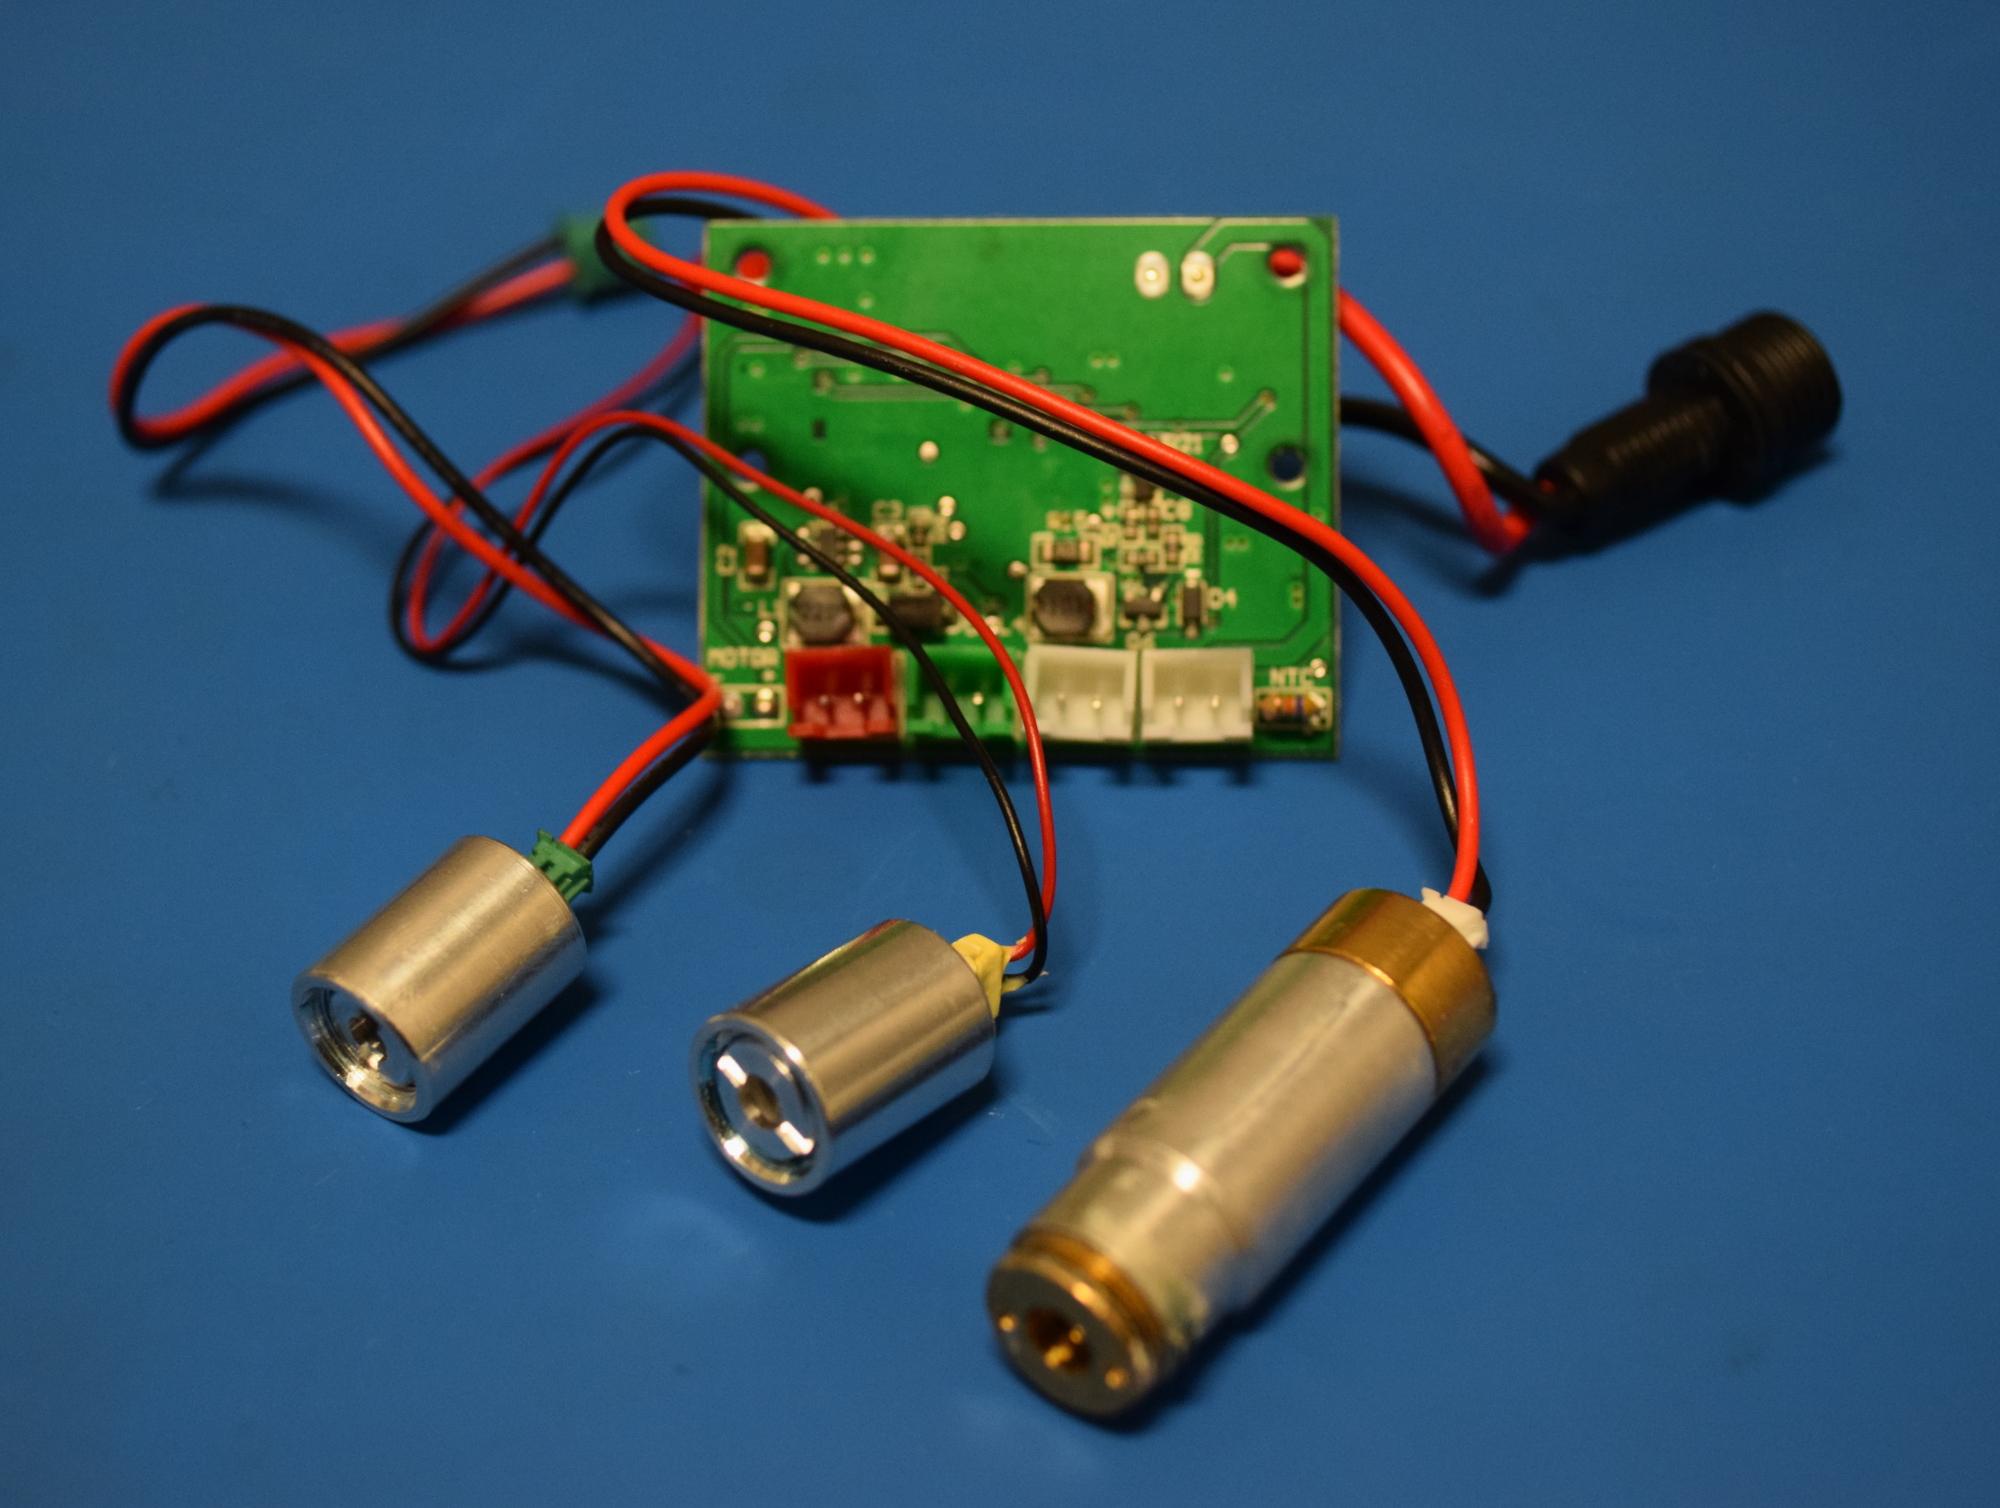 Teardown: What's Inside A Christmas Laser Projector? | Hackaday